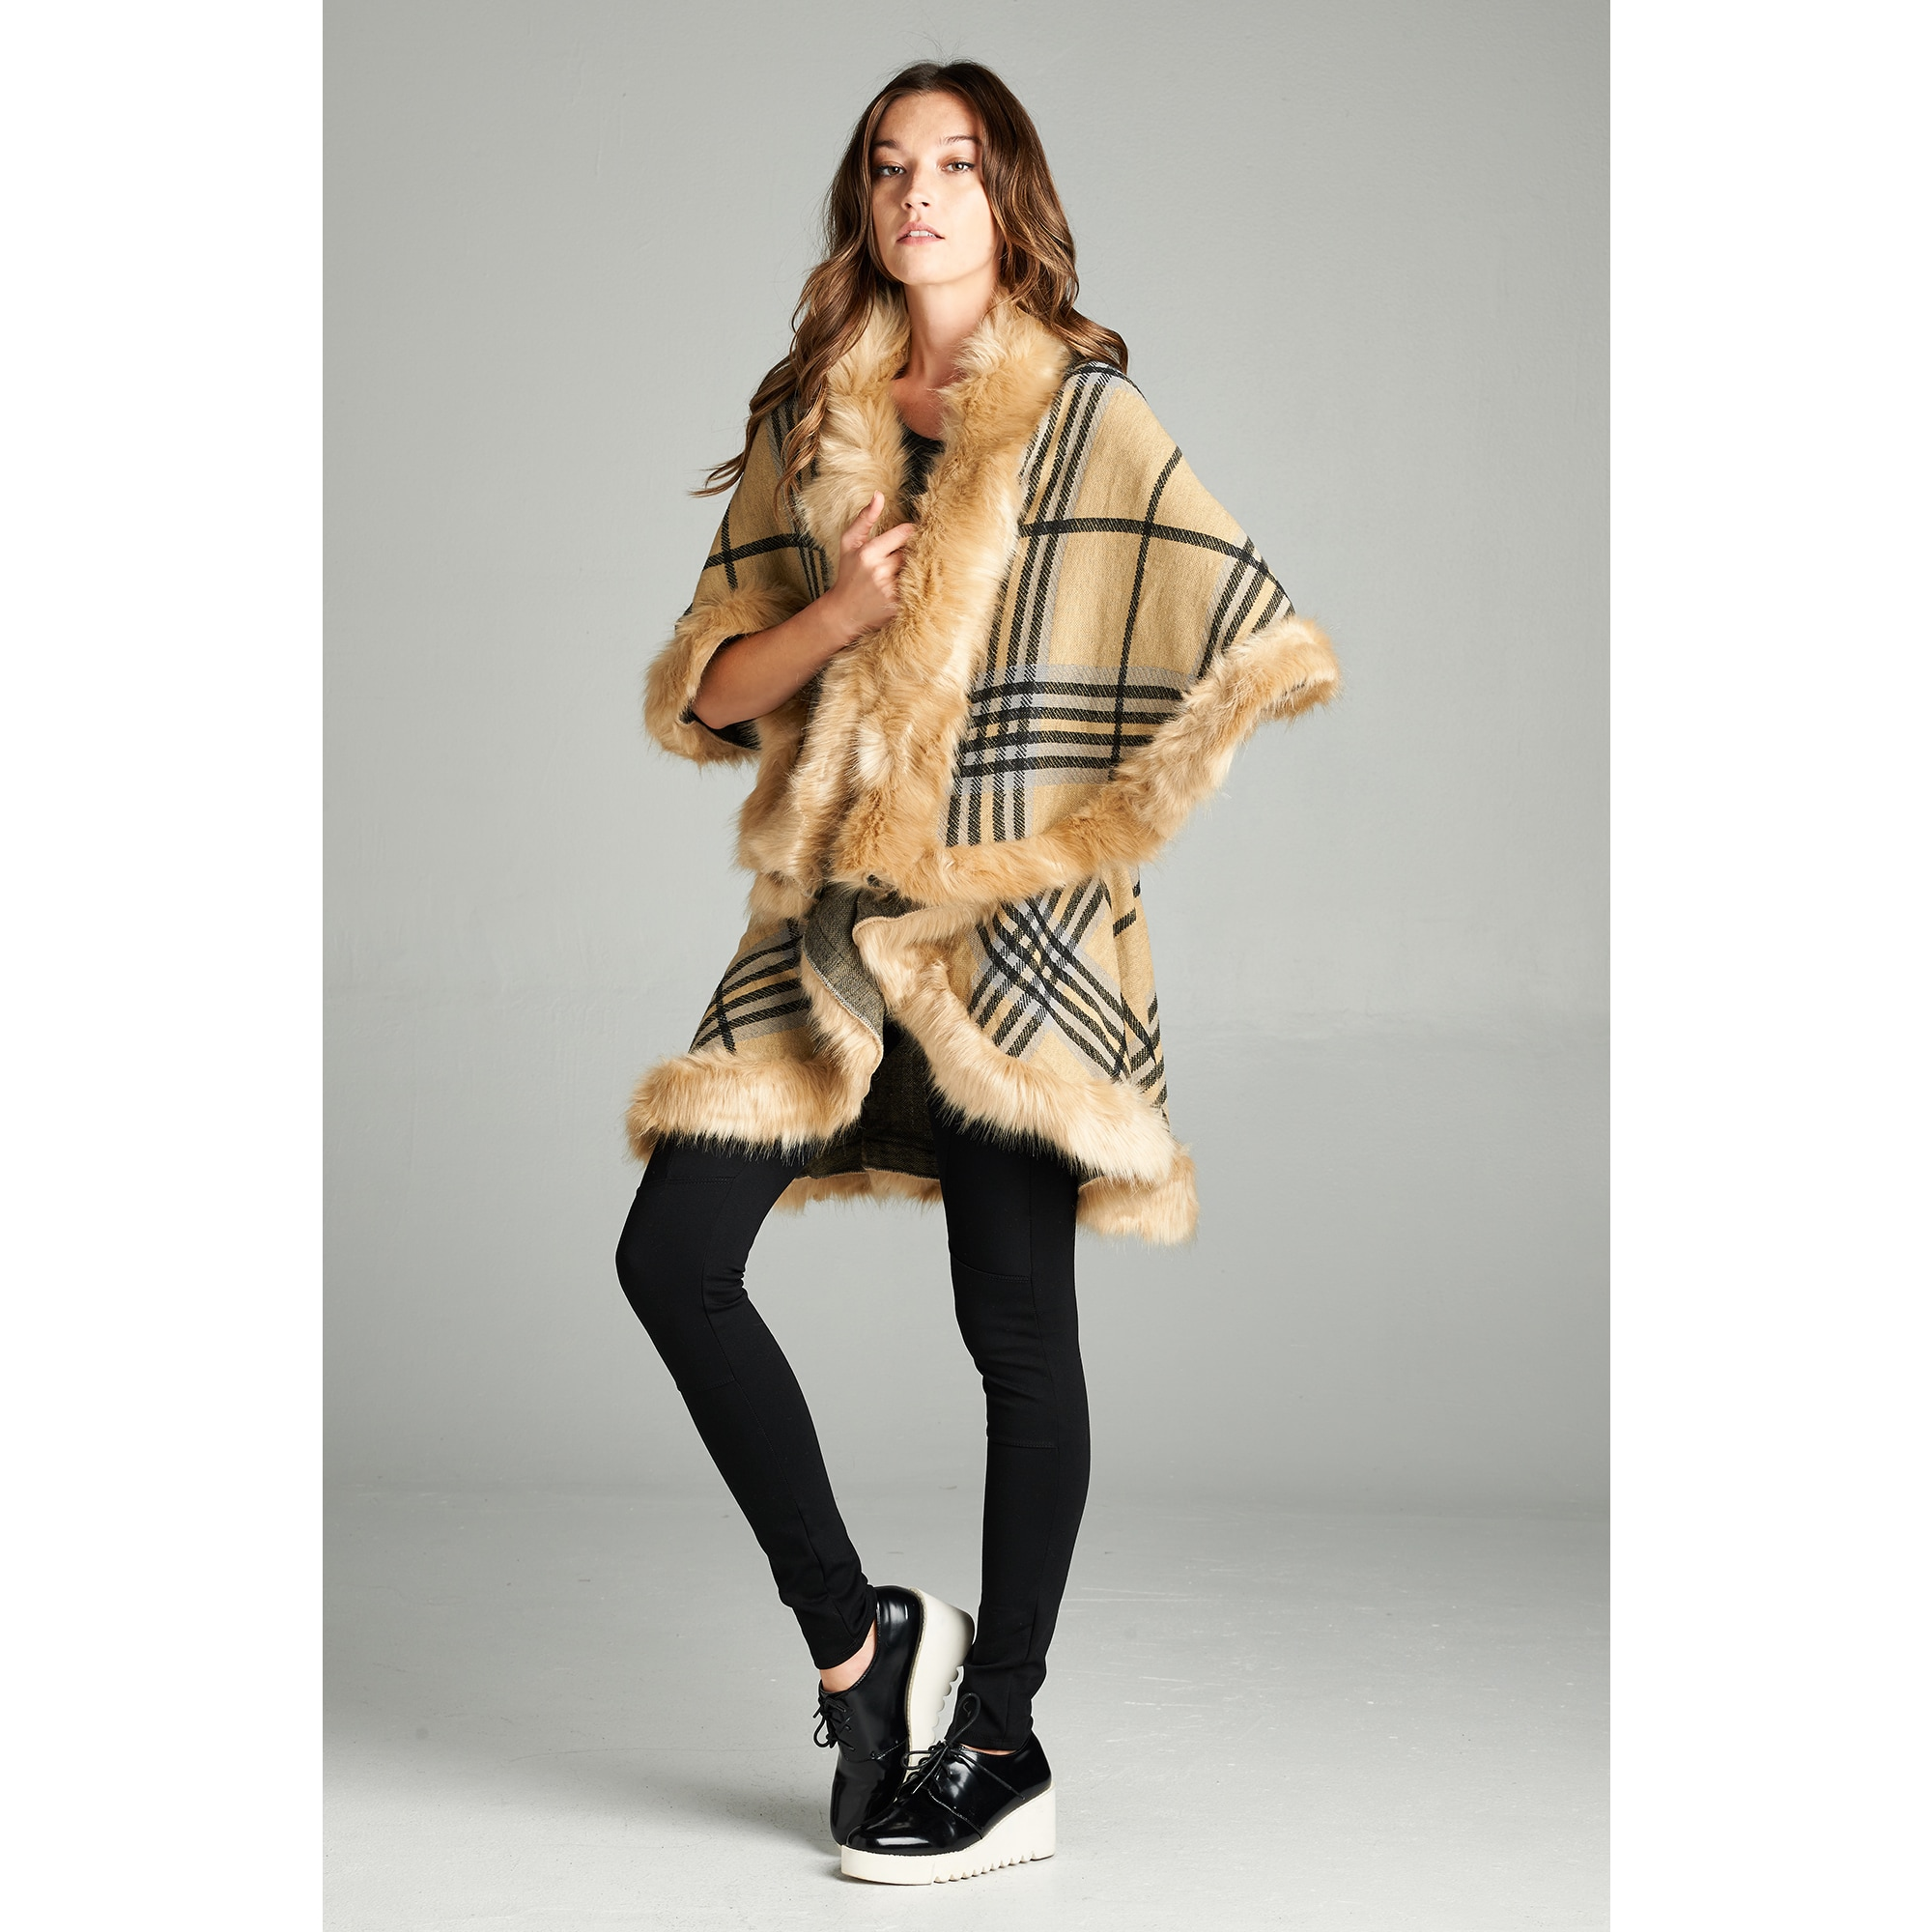 Spicy Mix Women's Jazlynn Faux Fur Plaid Knit Waterfall C...